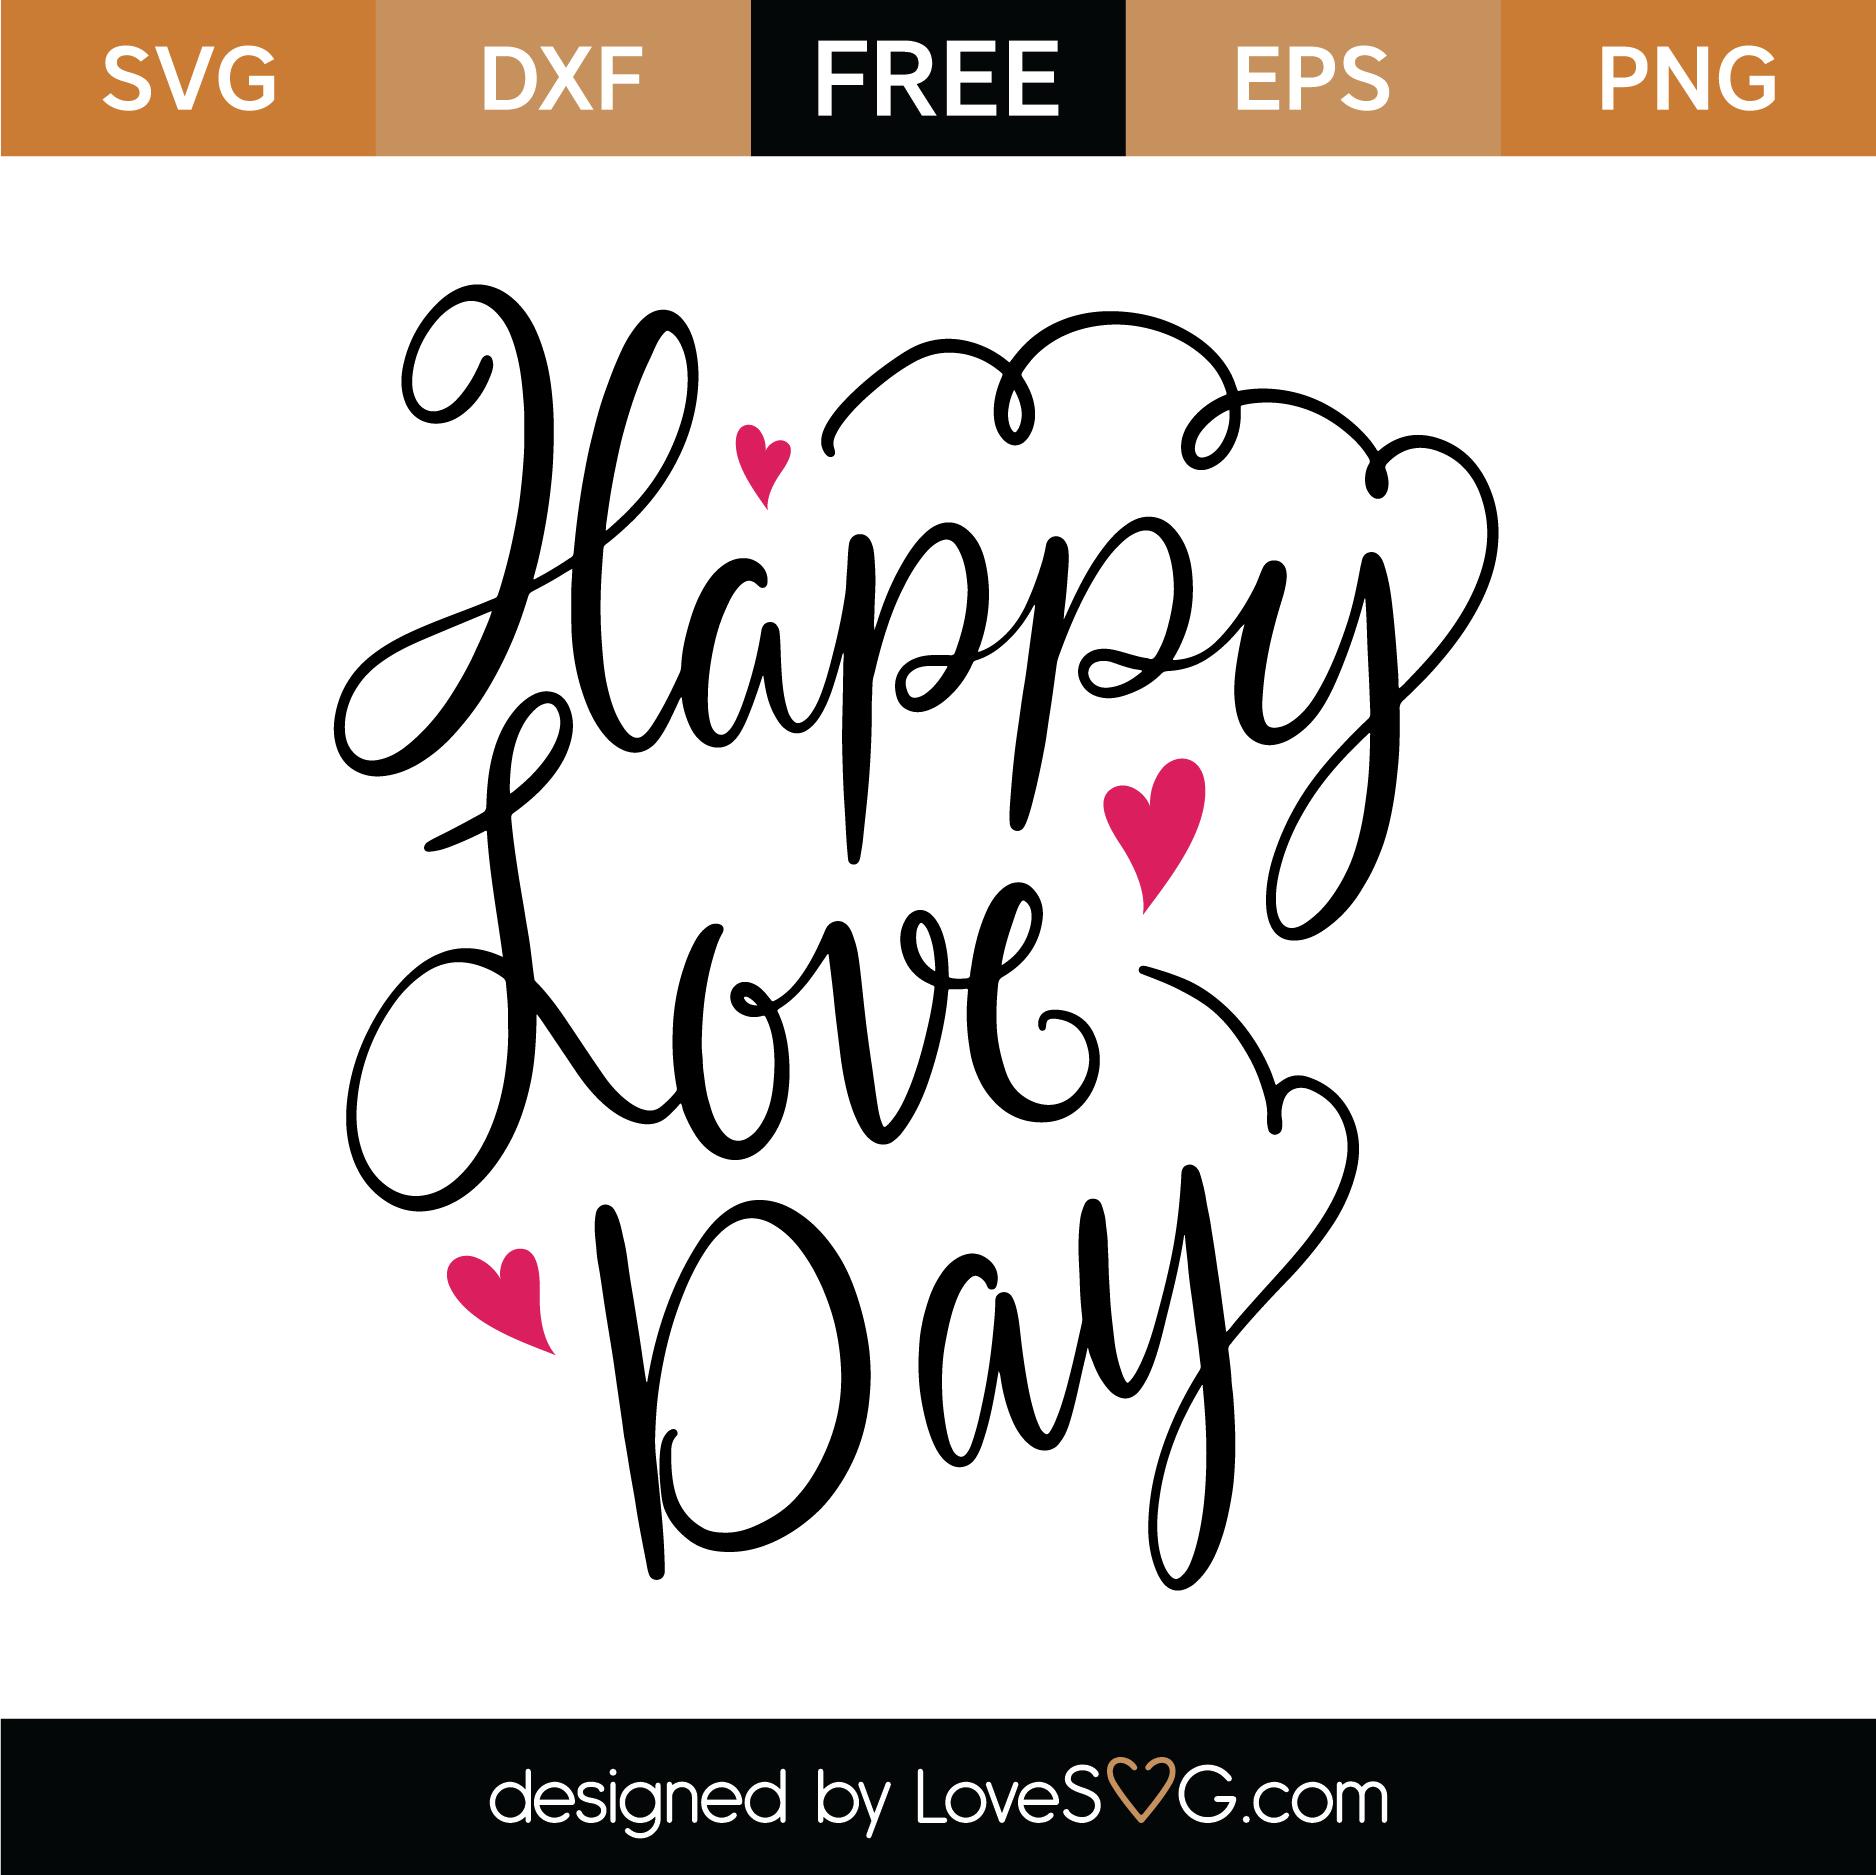 Download Free Happy Love Day SVG Cut File   Lovesvg.com